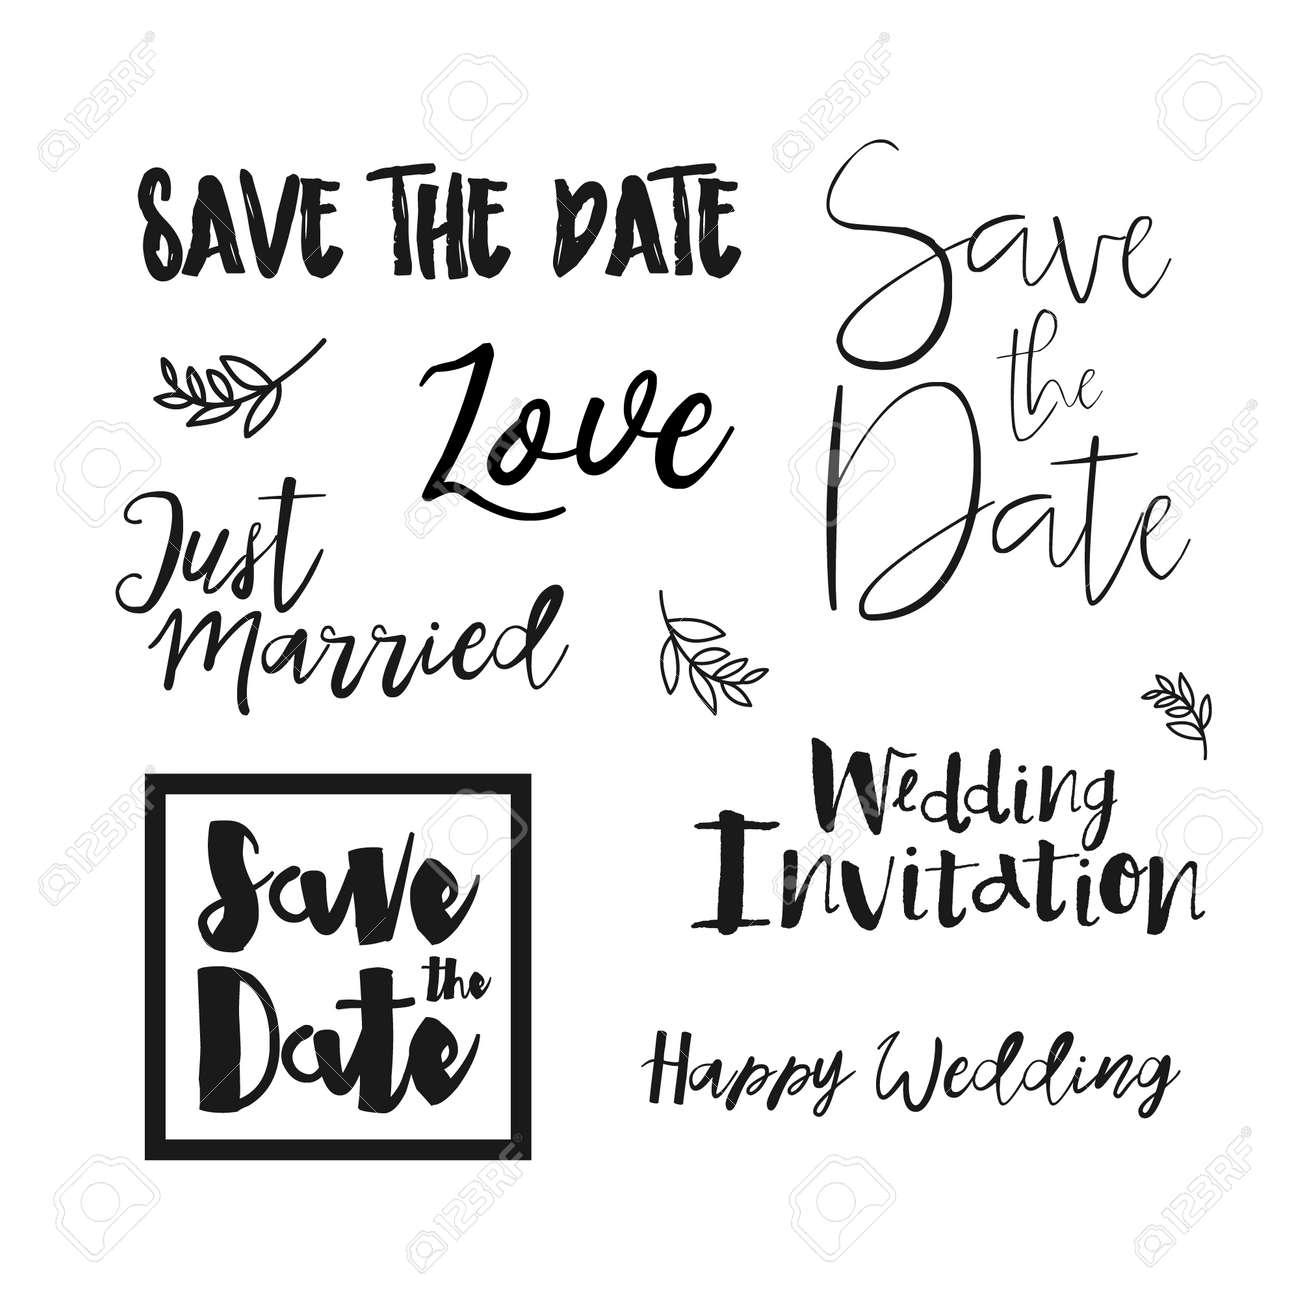 speichern sie das datum der hochzeit einladung etiketten. save the, Einladungen